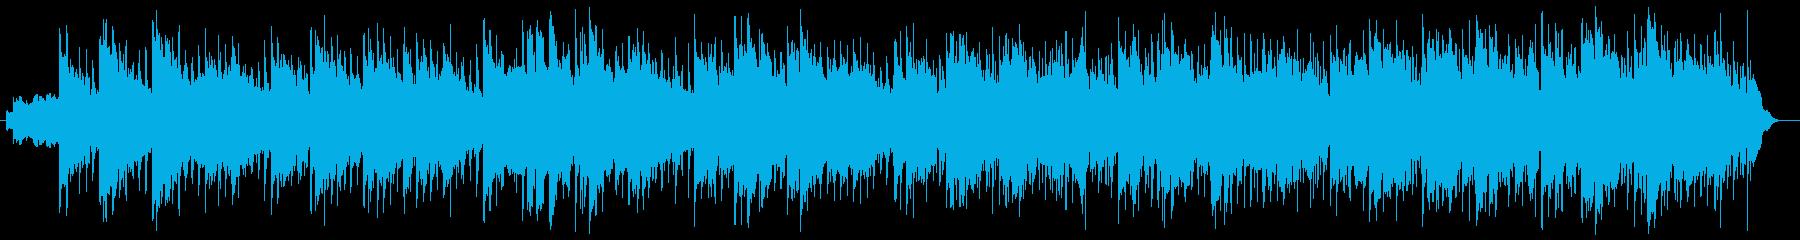 クールなインストルメンタルロックの再生済みの波形